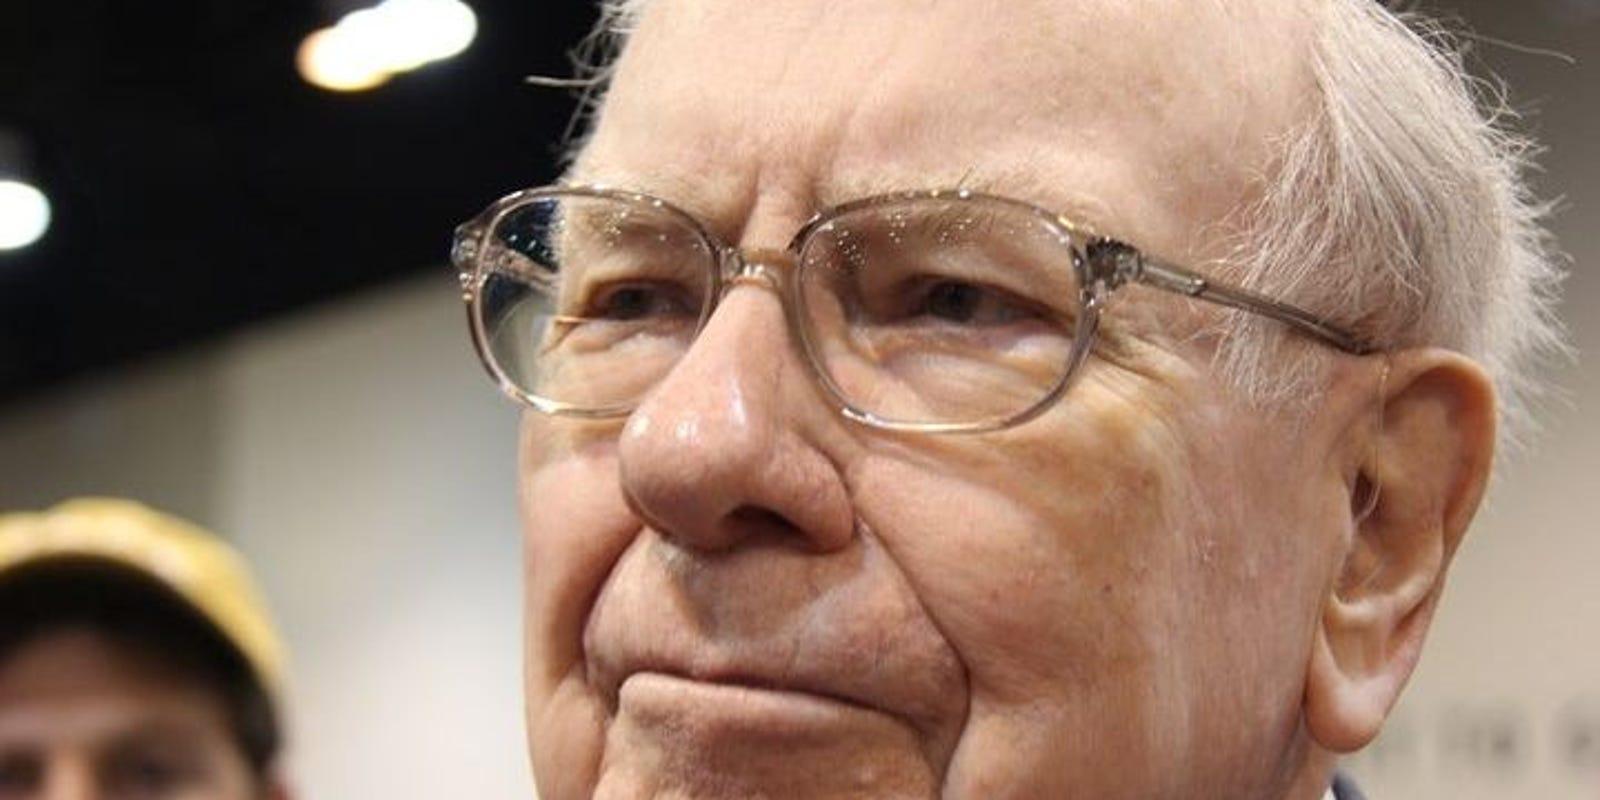 Warren Buffett says coronavirus hurt, but stocks still good investment